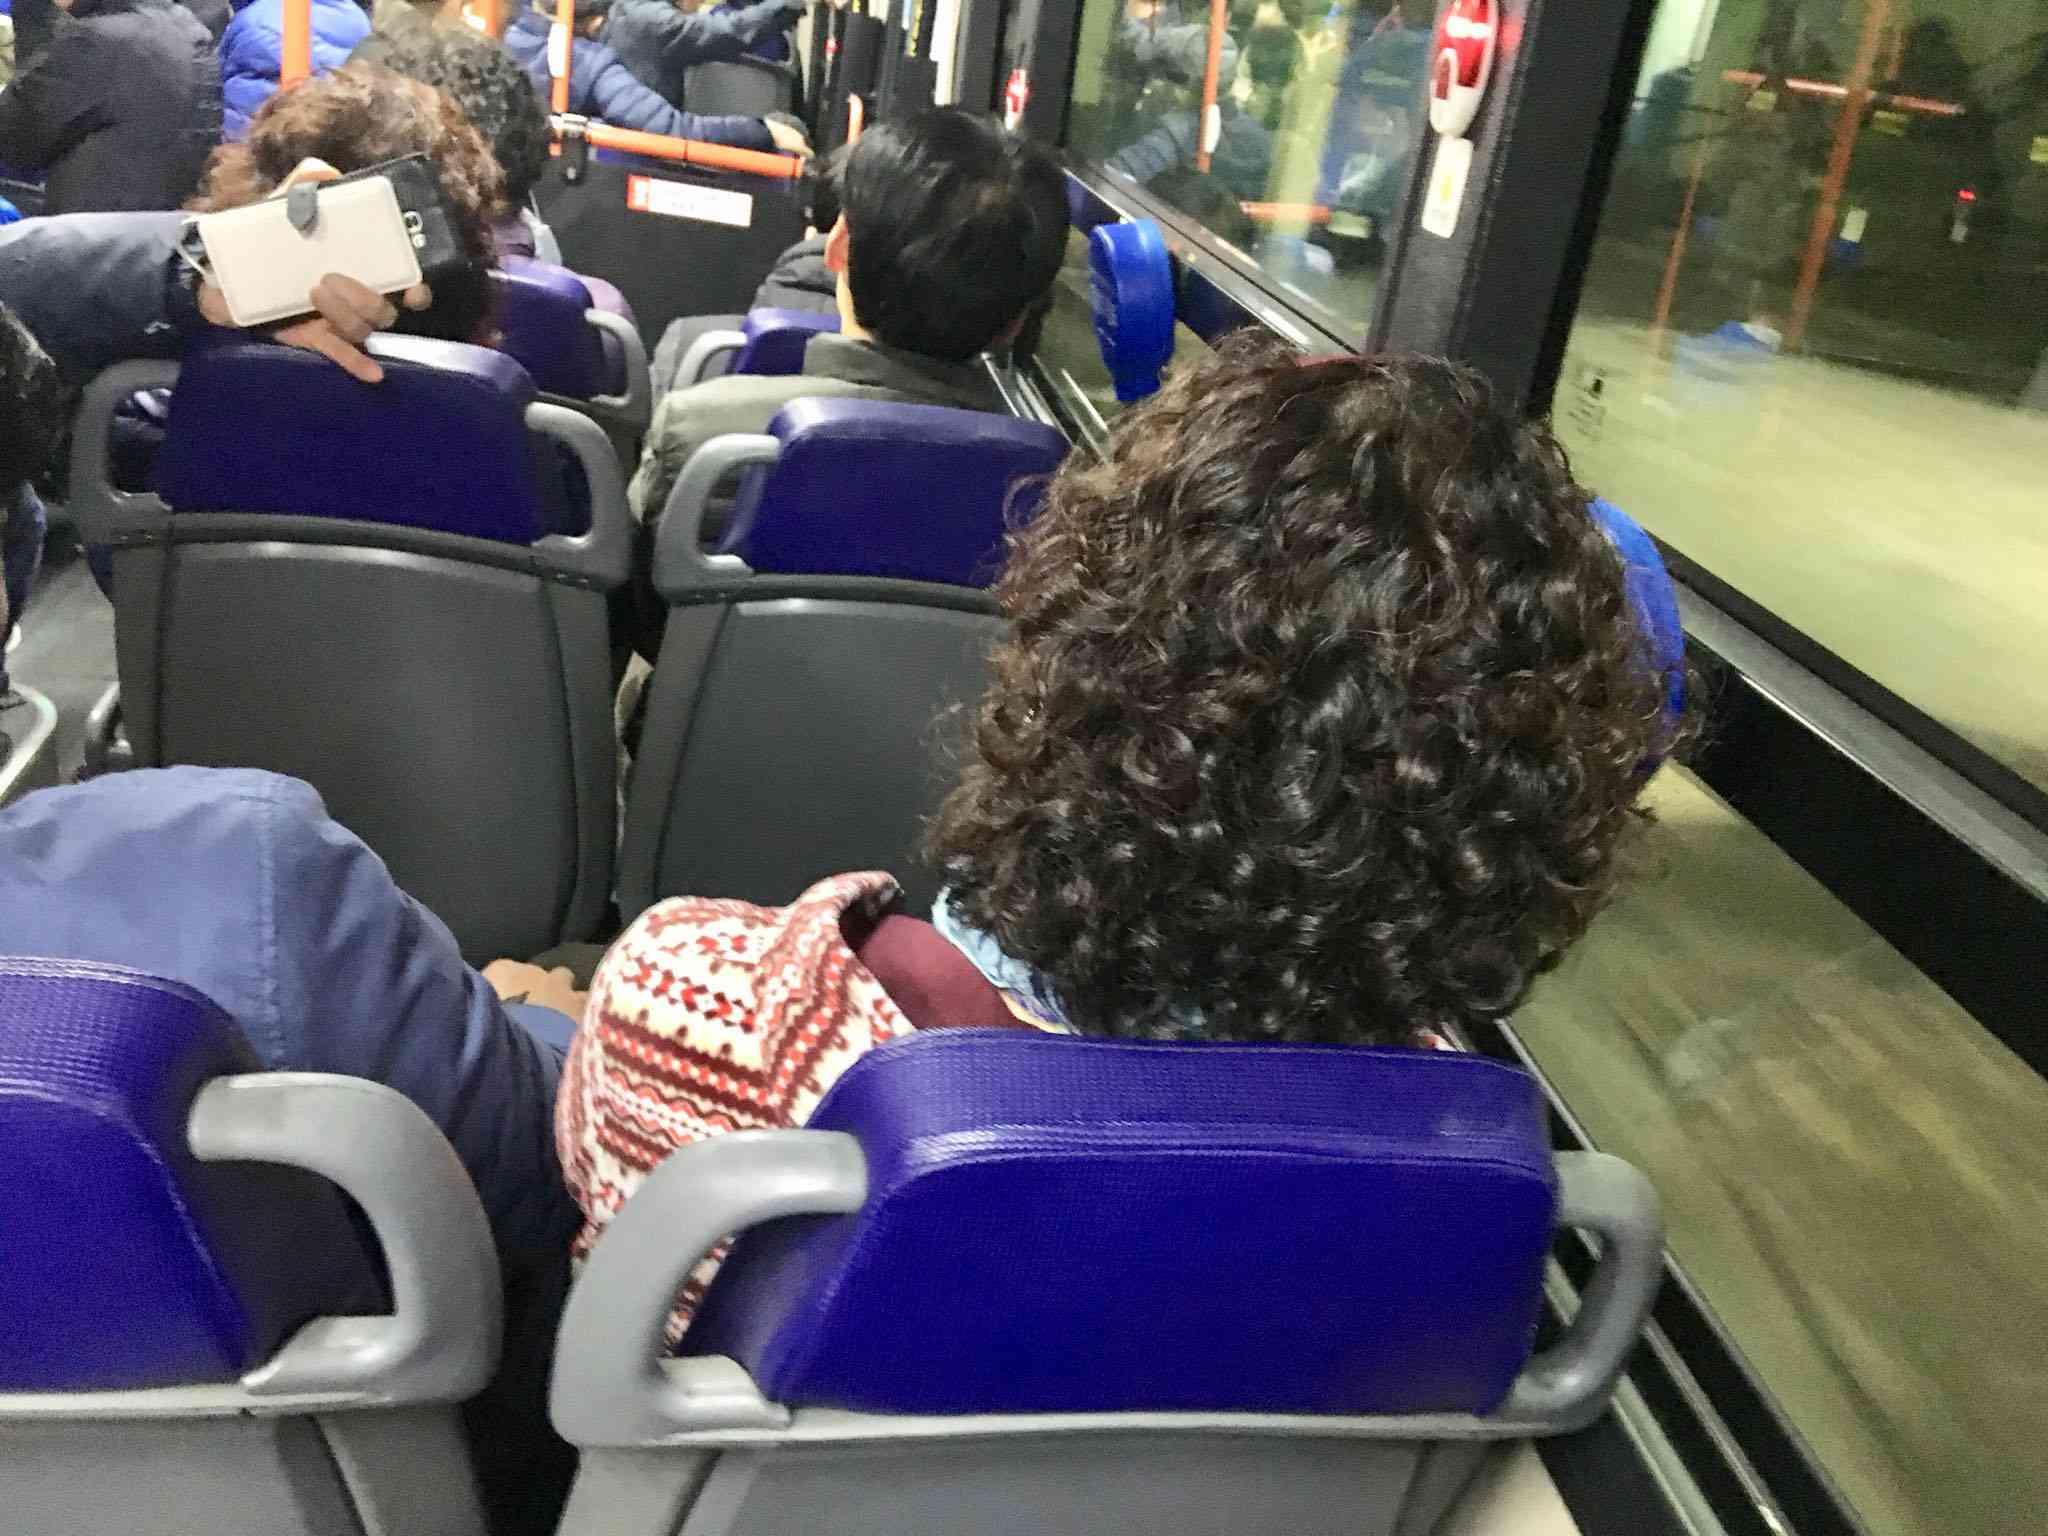 目前此項服務試營運至11月15日,若是反應良好,不排除延長服務時間!近期有去韓國玩的朋友們,如果有搭到深夜公車,不妨去體驗看看!